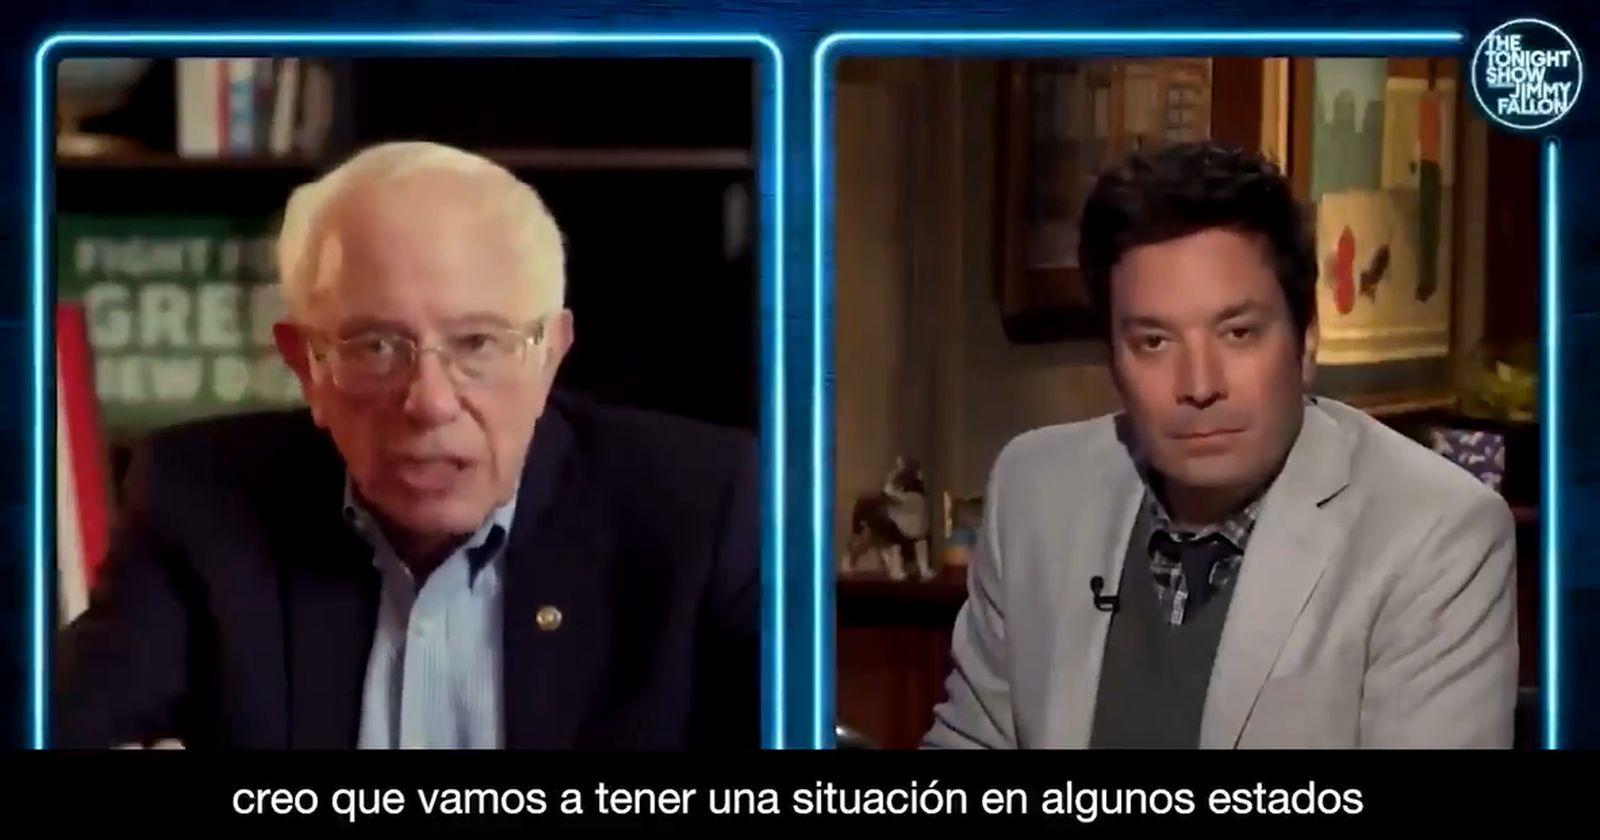 VIDEO – Bernie Sanders predijo la reacción de Donald Trump una semana antes de las elecciones